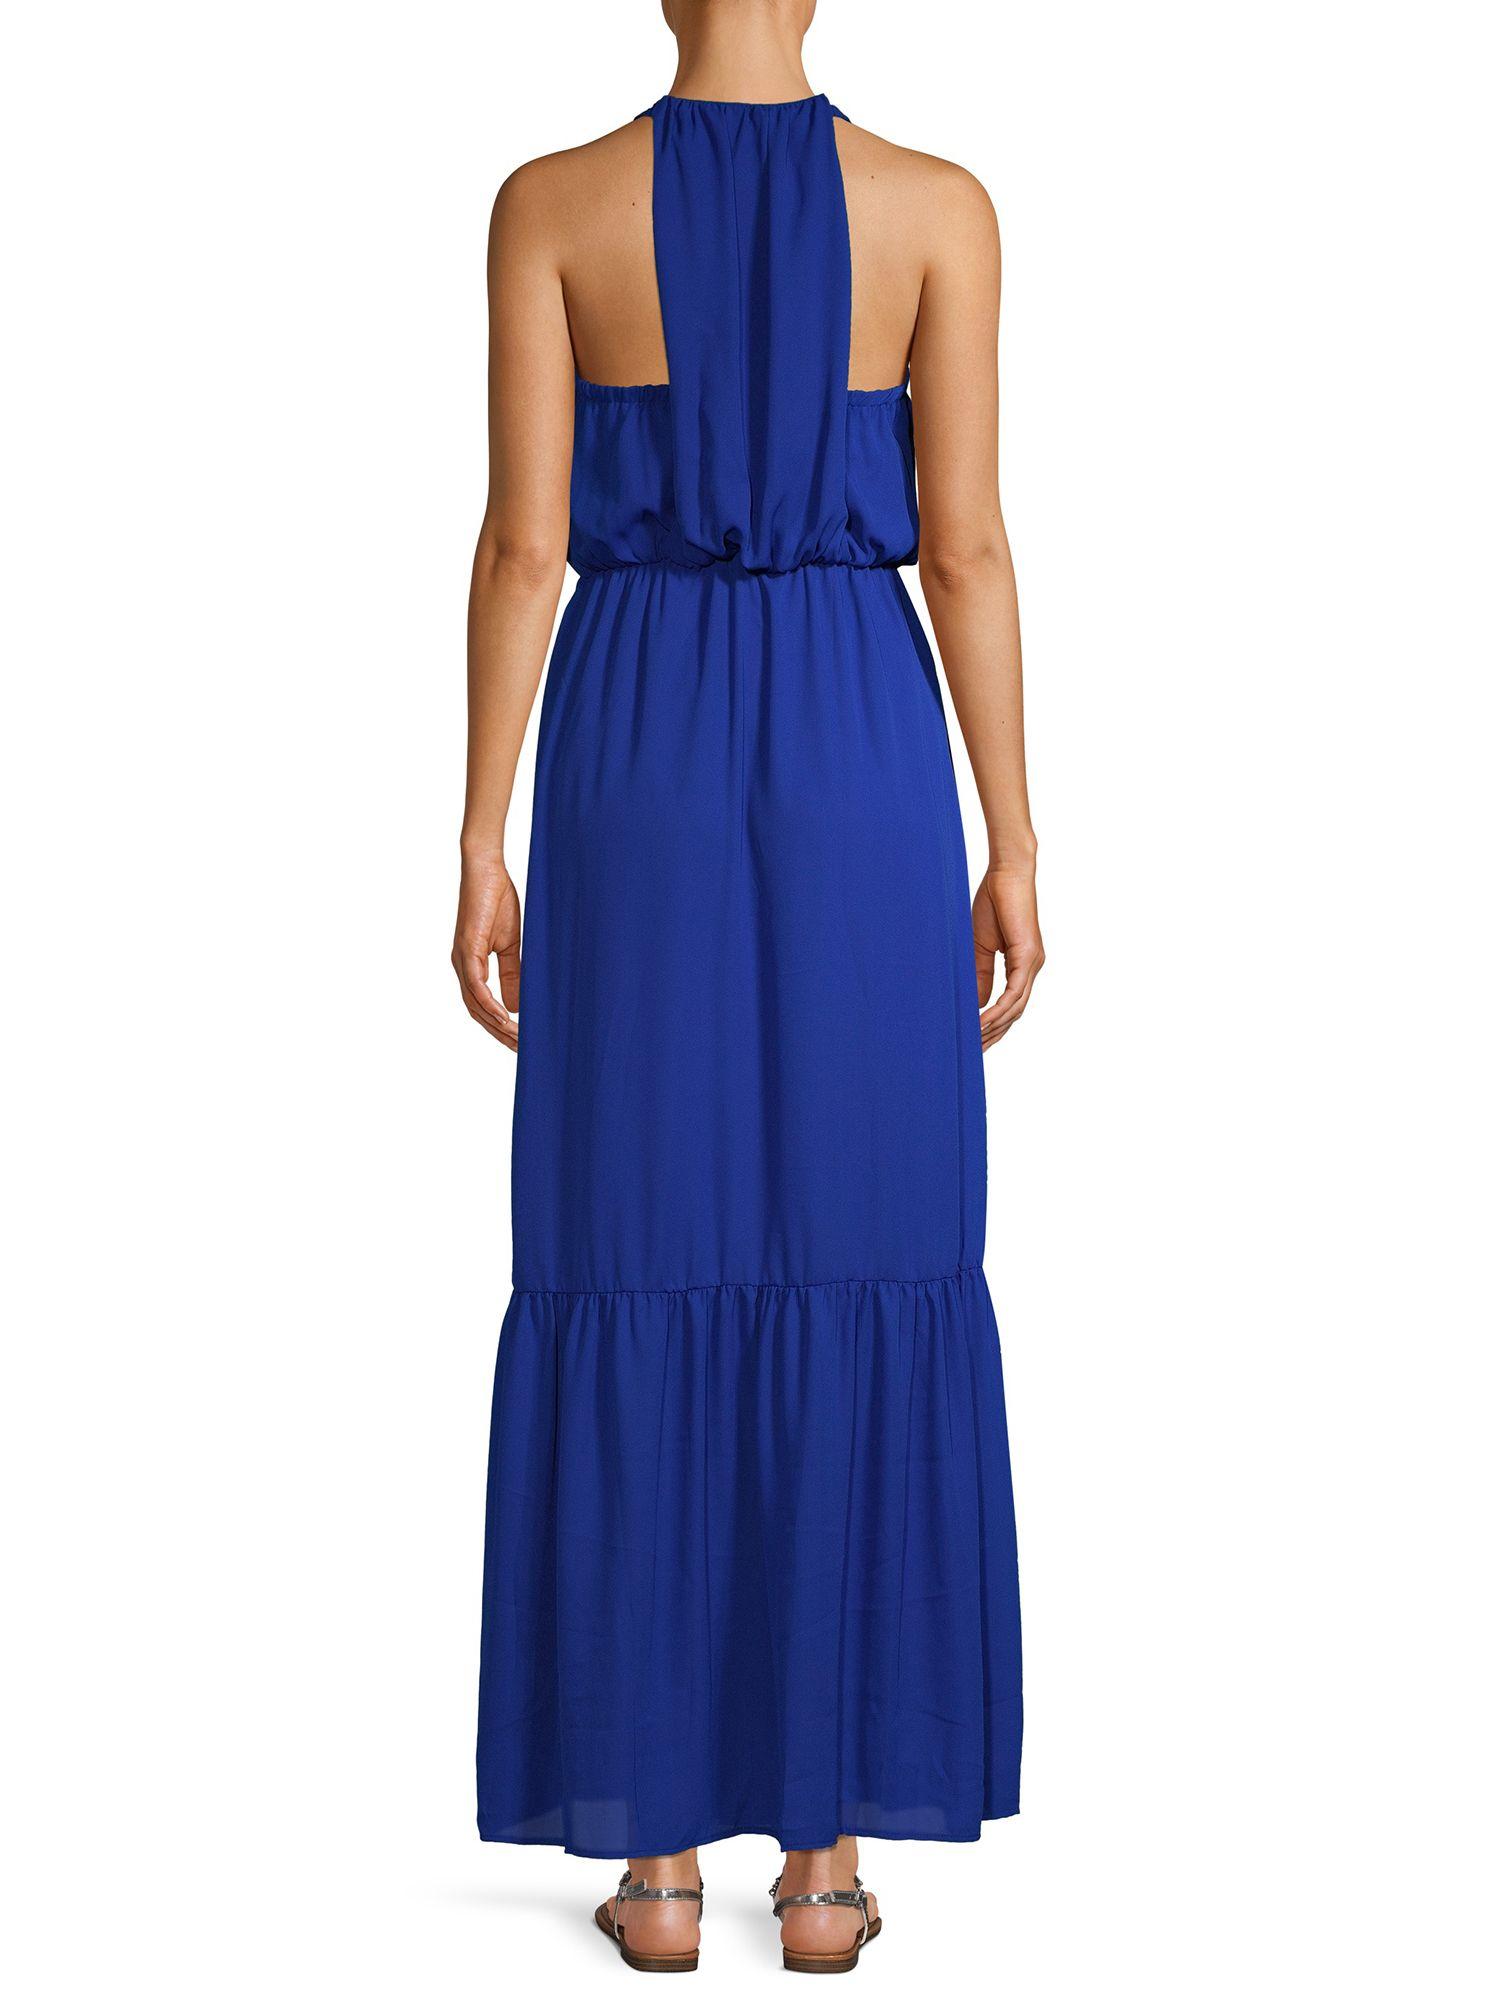 Nsr Nsr Women S Halter Maxi Dress Walmart Com Women Halter Maxi Dress Halter Maxi Dresses [ 2000 x 1500 Pixel ]